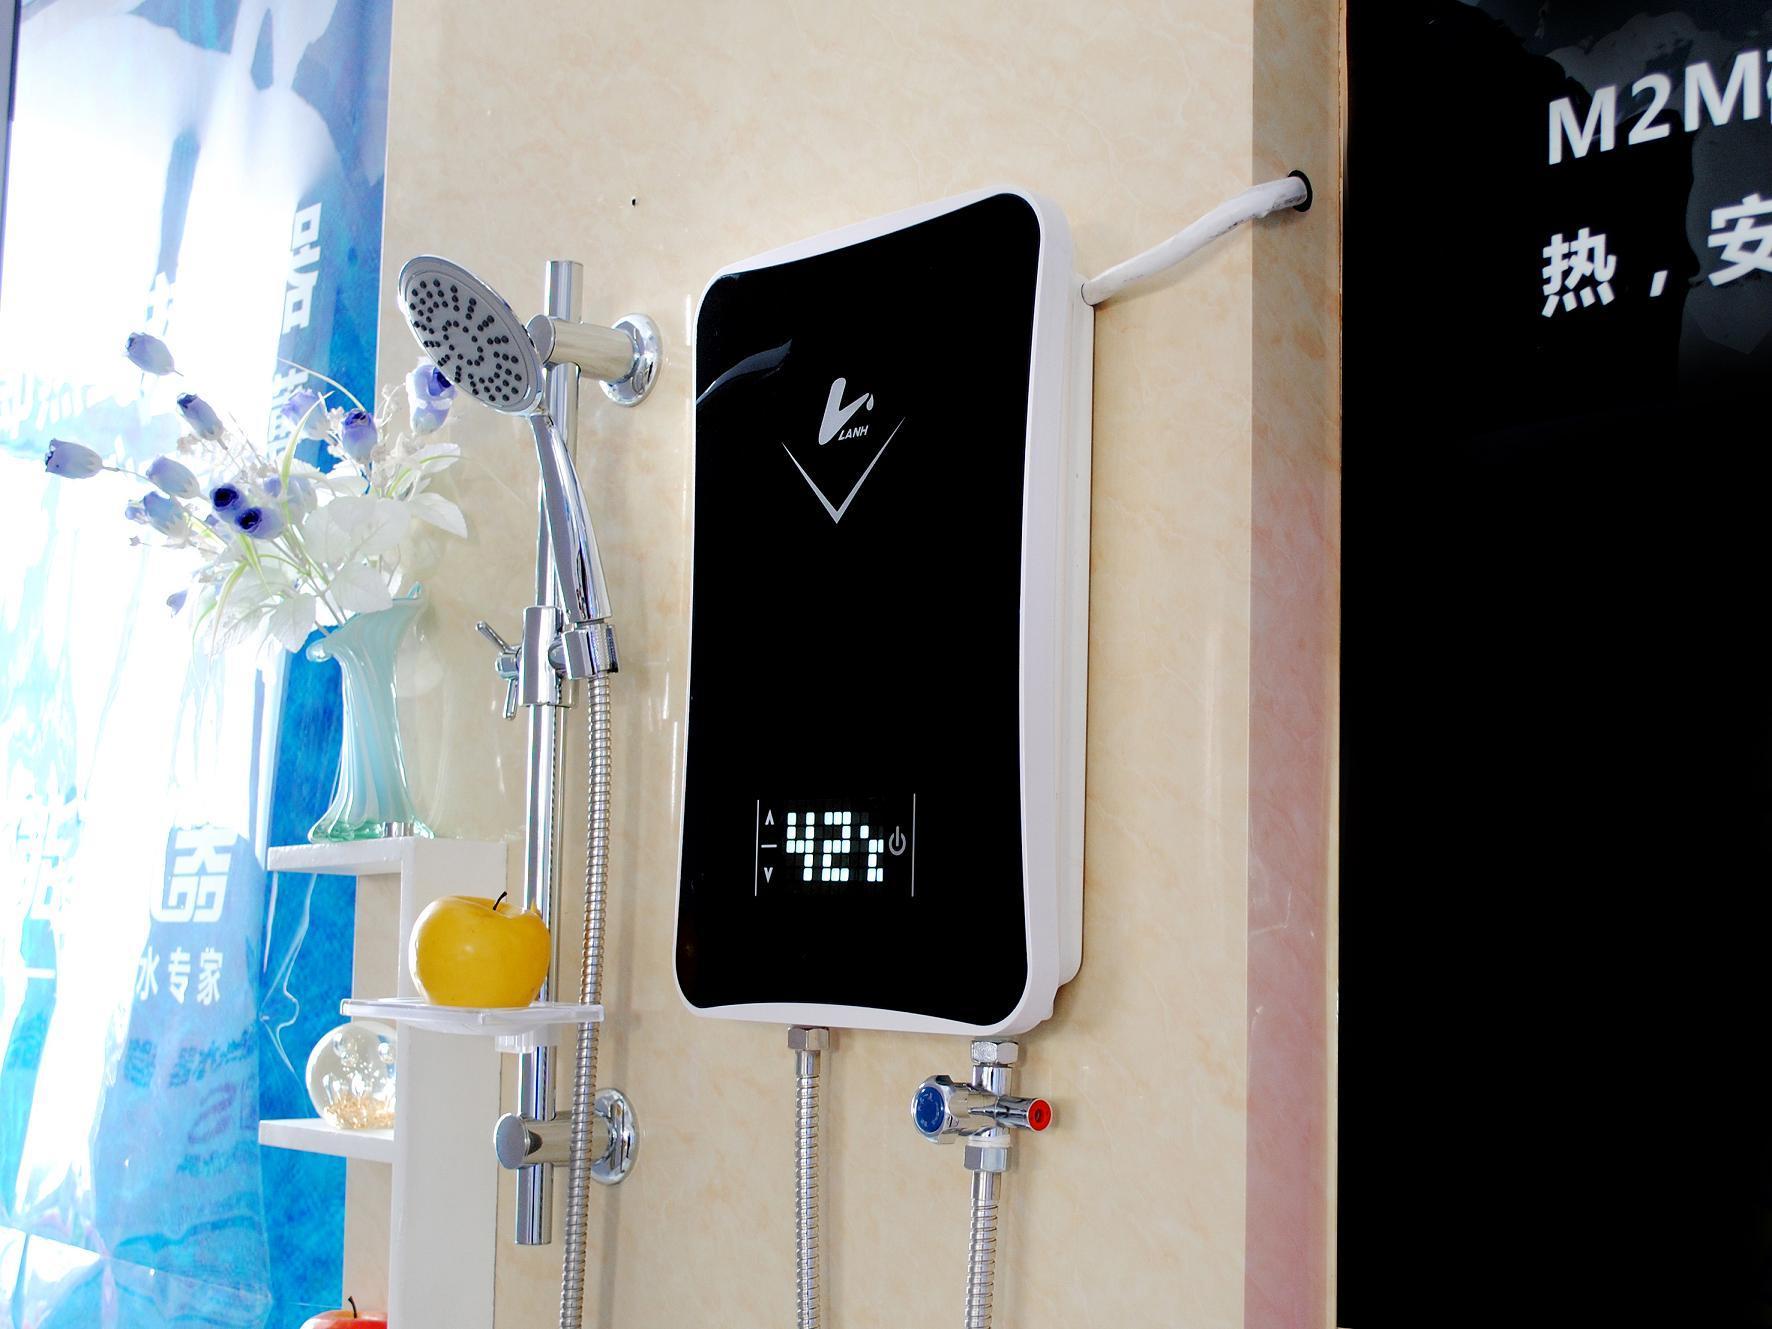 Calentador de agua el ctrico de la mejor calidad lh03s55 - Calentador electrico de agua precio ...